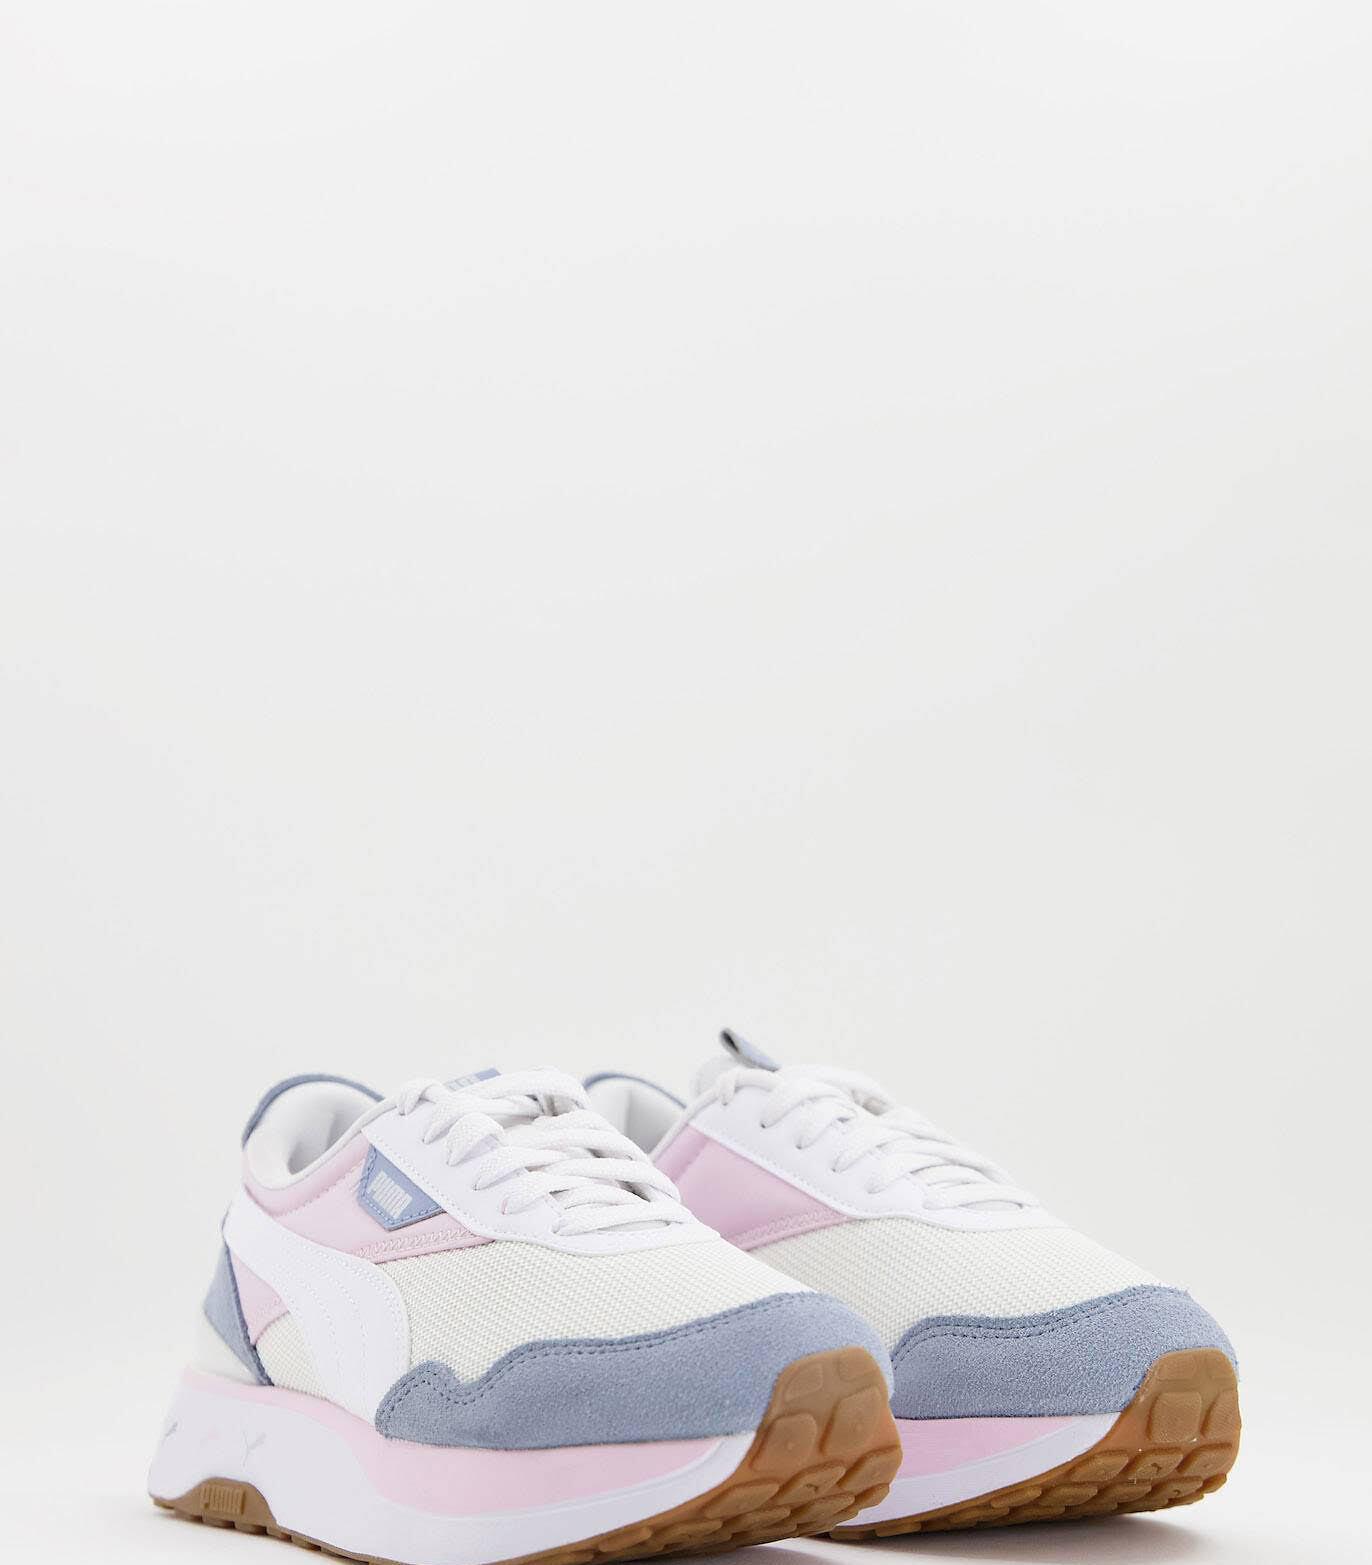 Zapatillas de deporte rosa y azul pastel Cruise Rider exclusivas en ASOS de PUMA